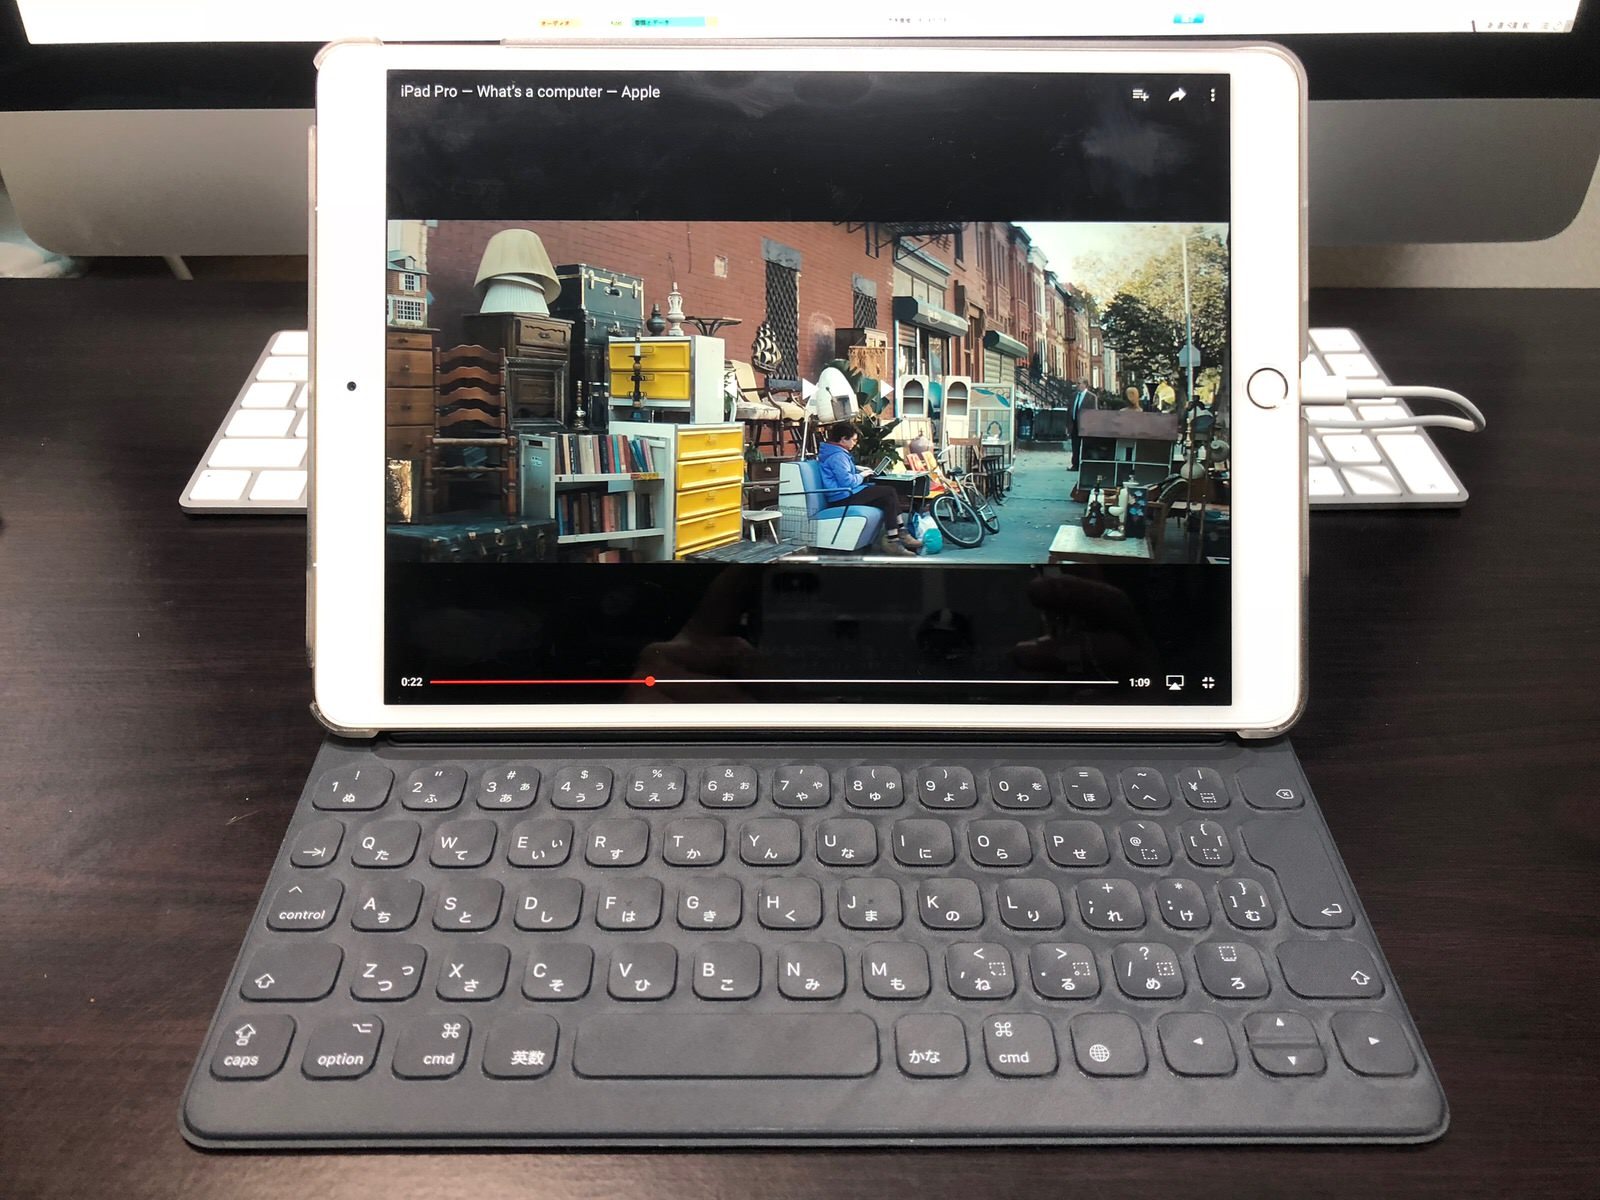 [iPad]iPhone(1台)だけでしか使えないと思っていた「LINE」をiPadで使えるようにしたらとっても便利になった件